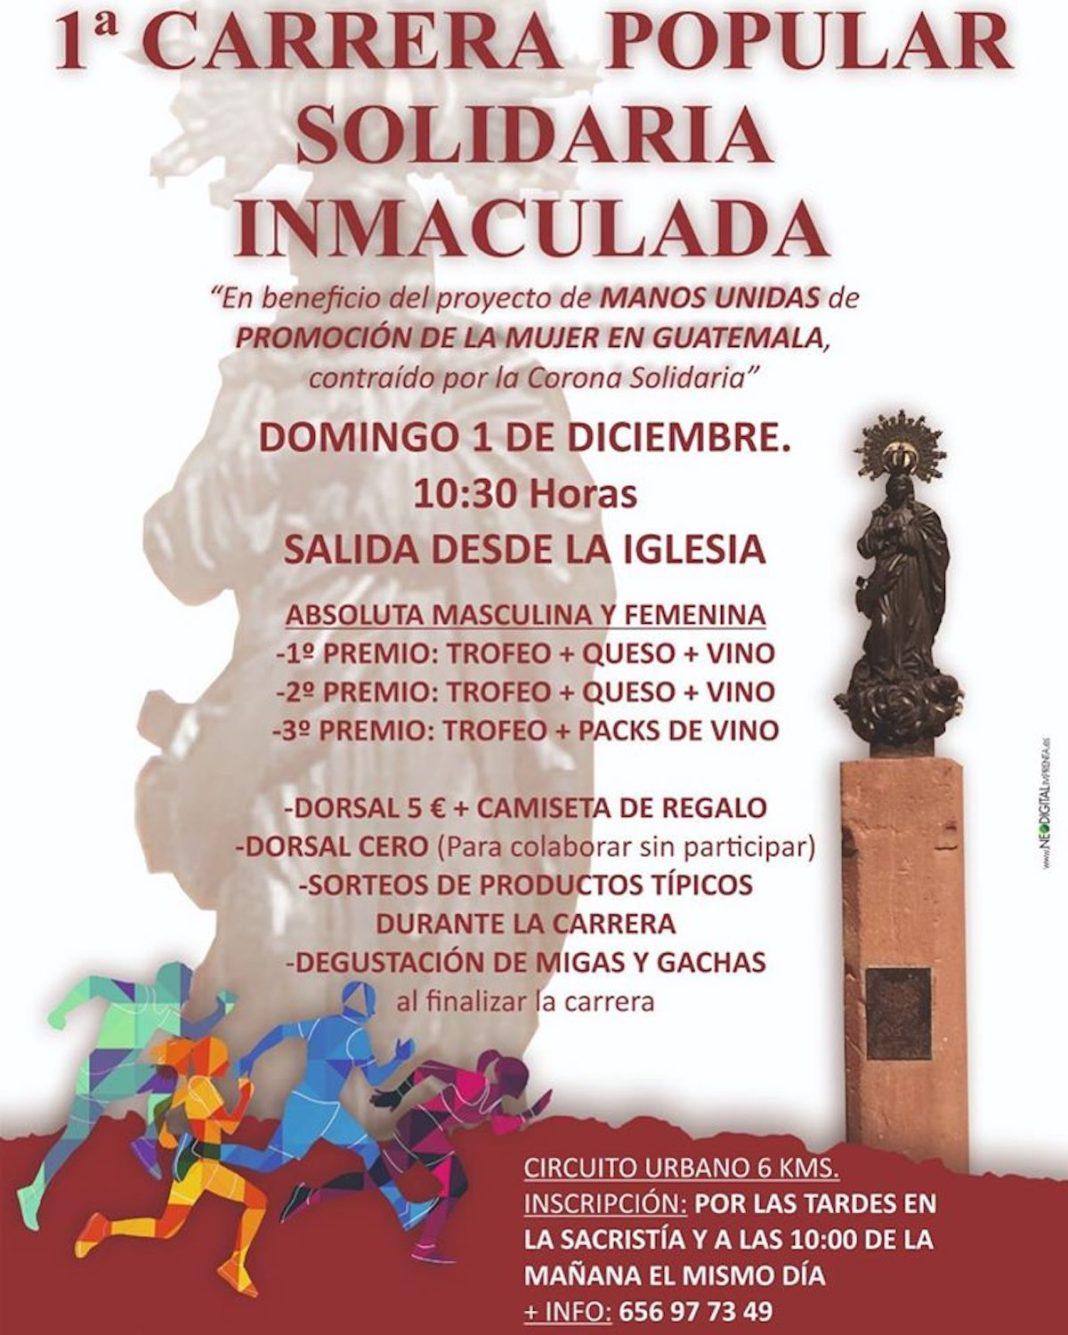 carrera solidaria inmaculada 1068x1335 - 1ª Carrera Popular Solidaria Inmaculada el próximo 1 de diciembre